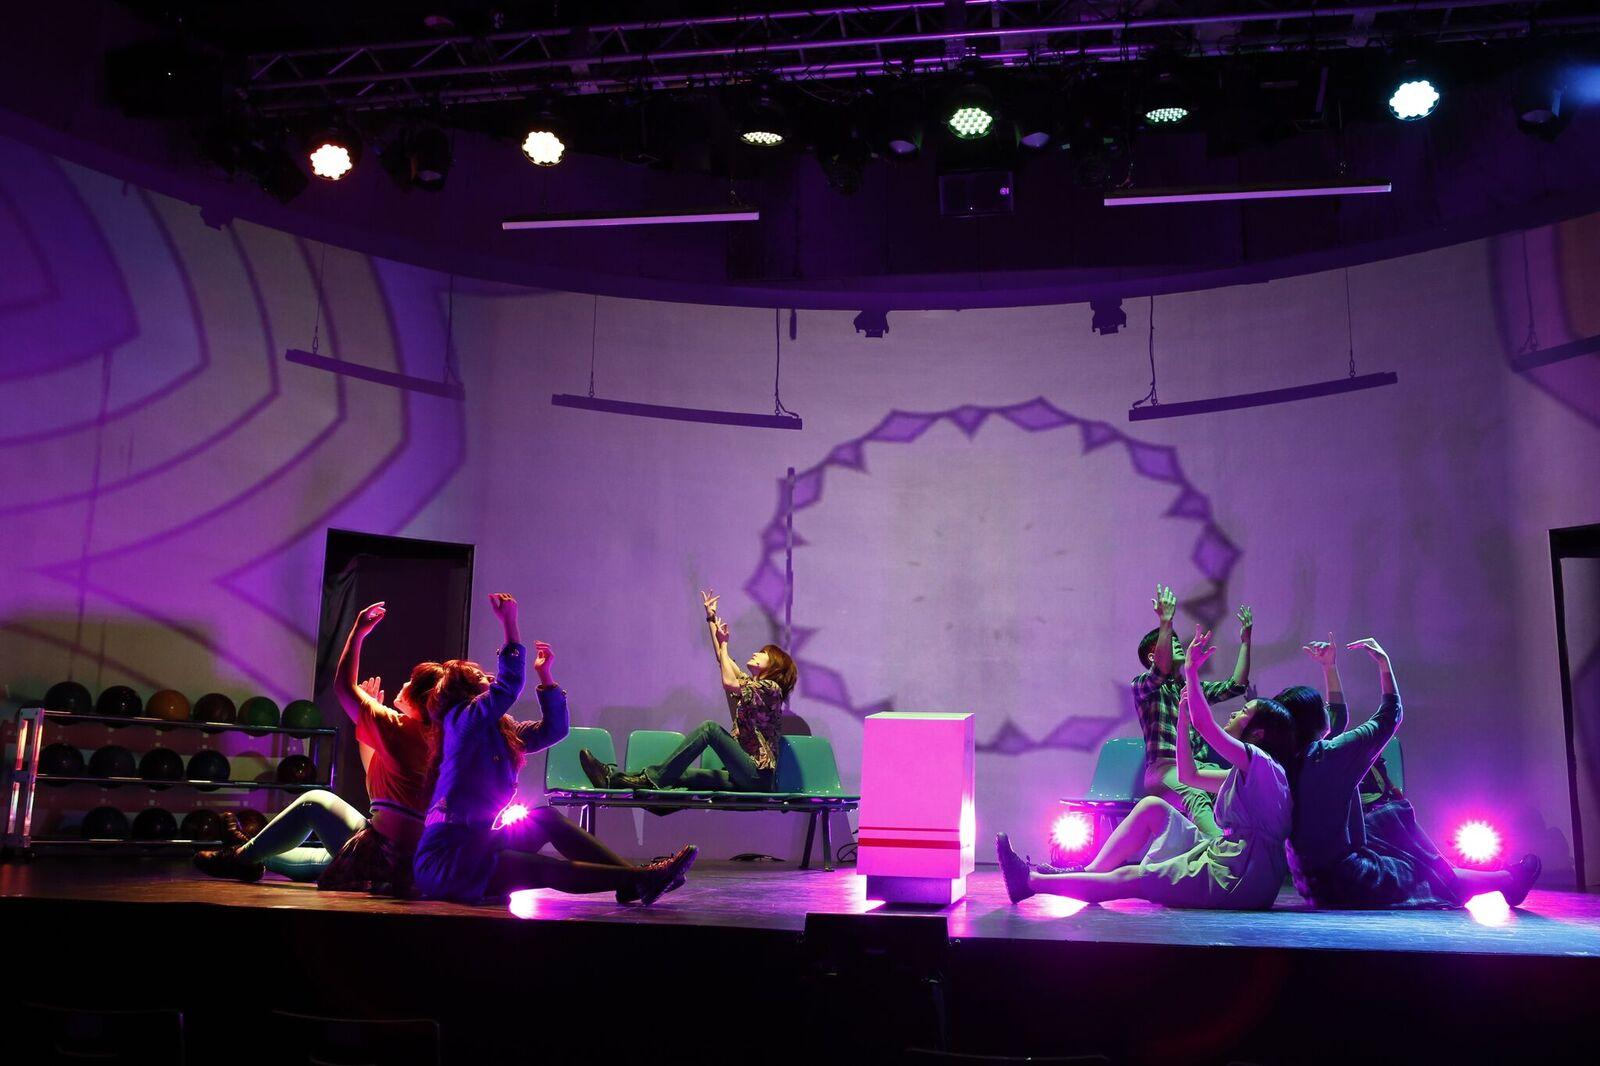 劇団4ドル50セント 週末定期公演 Vol.1舞台写真15